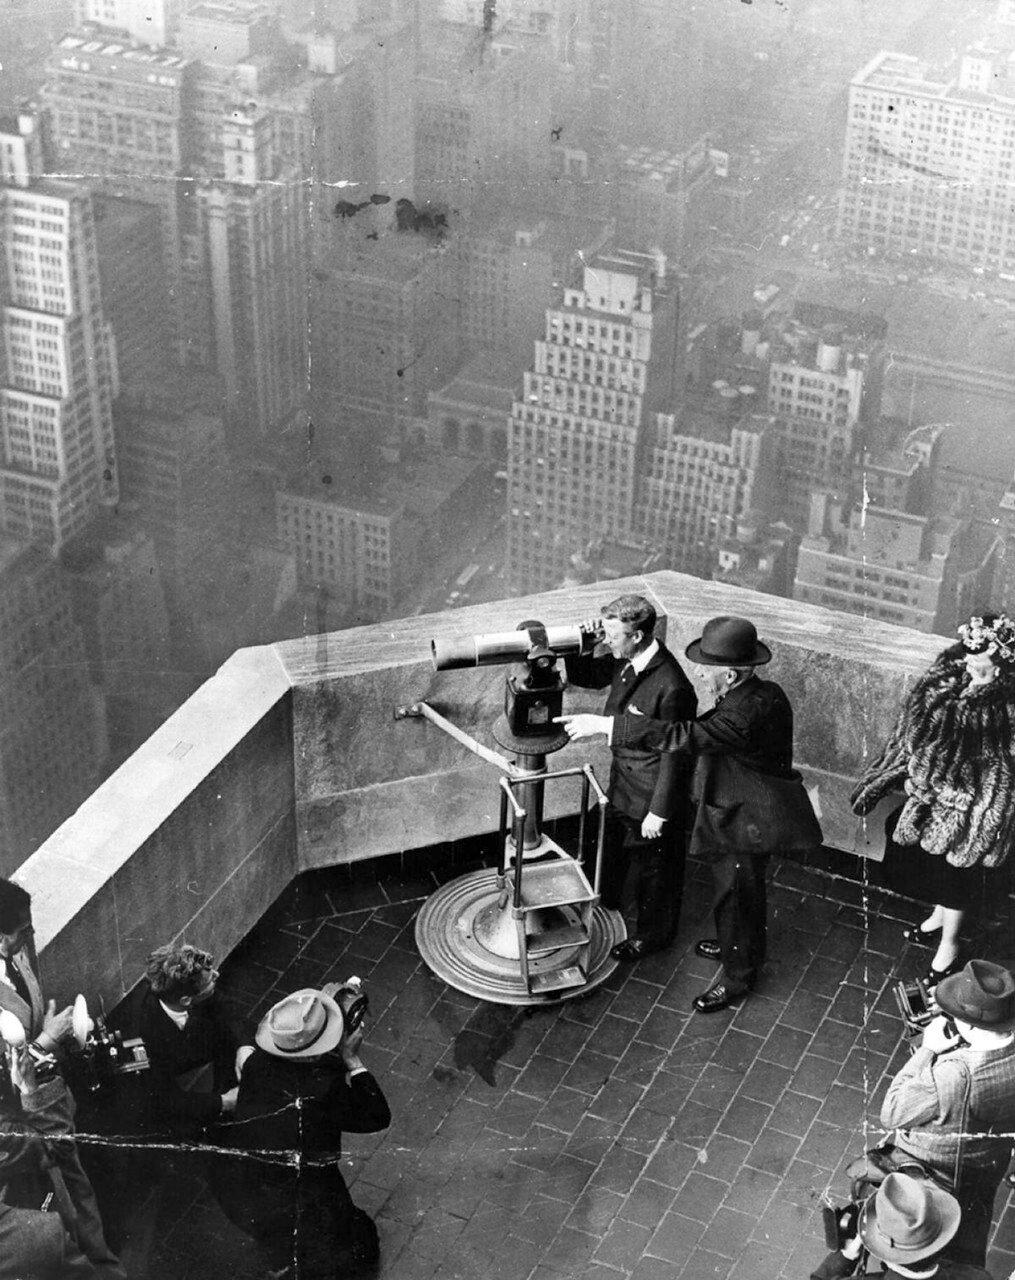 1941. В ожидании Кинг-Конга. Герцог Виндзорский  с губернатором Элом Смитом, Эмпайр Стейт Билдинг